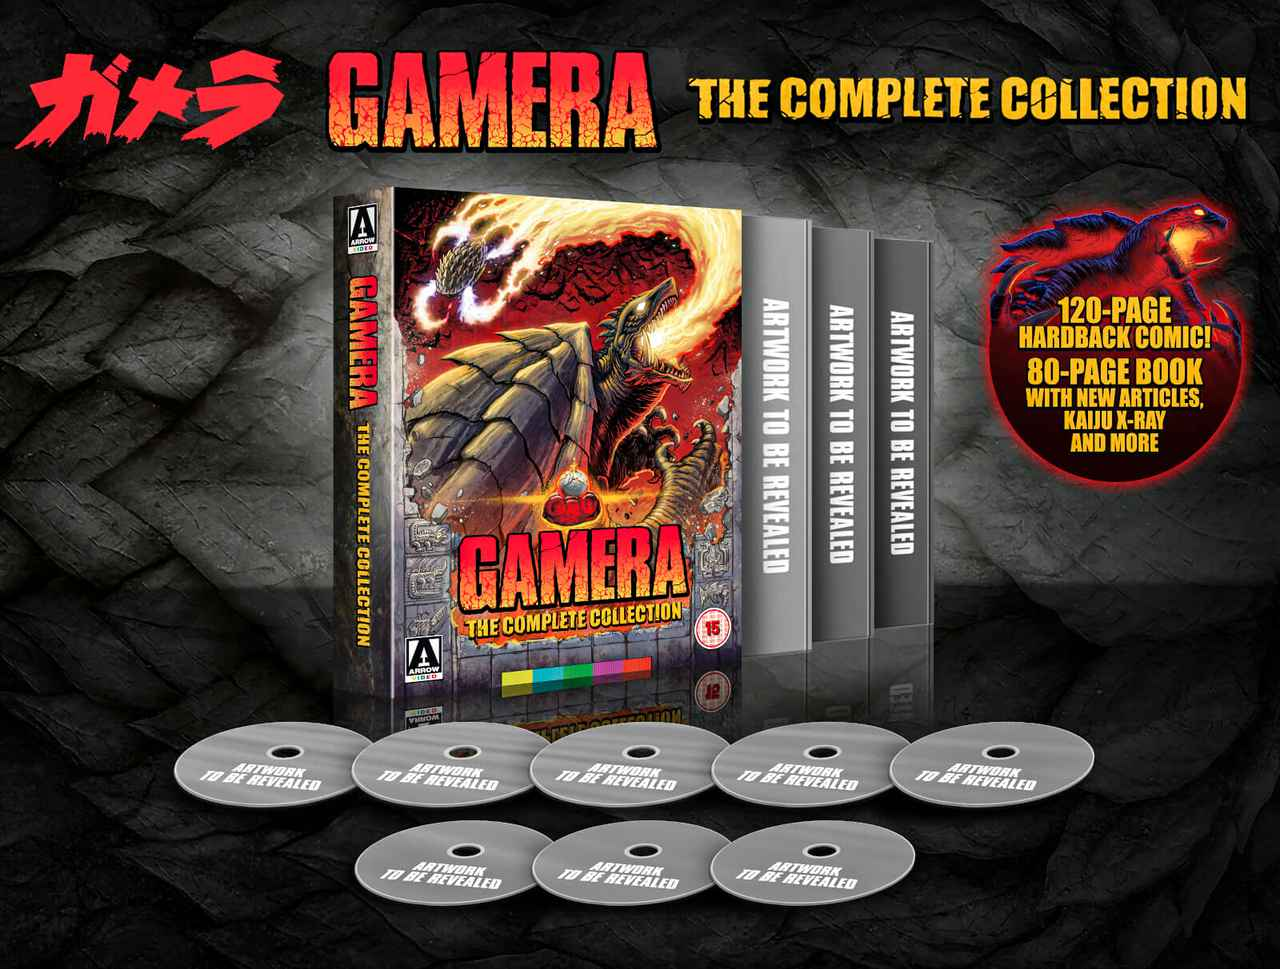 画像: GAMERA: THE COMPLETE COLLECTION - DELUXE BLU-RAY BOX SET OF THE ENTIRE GAMERA MOVIE SERIES